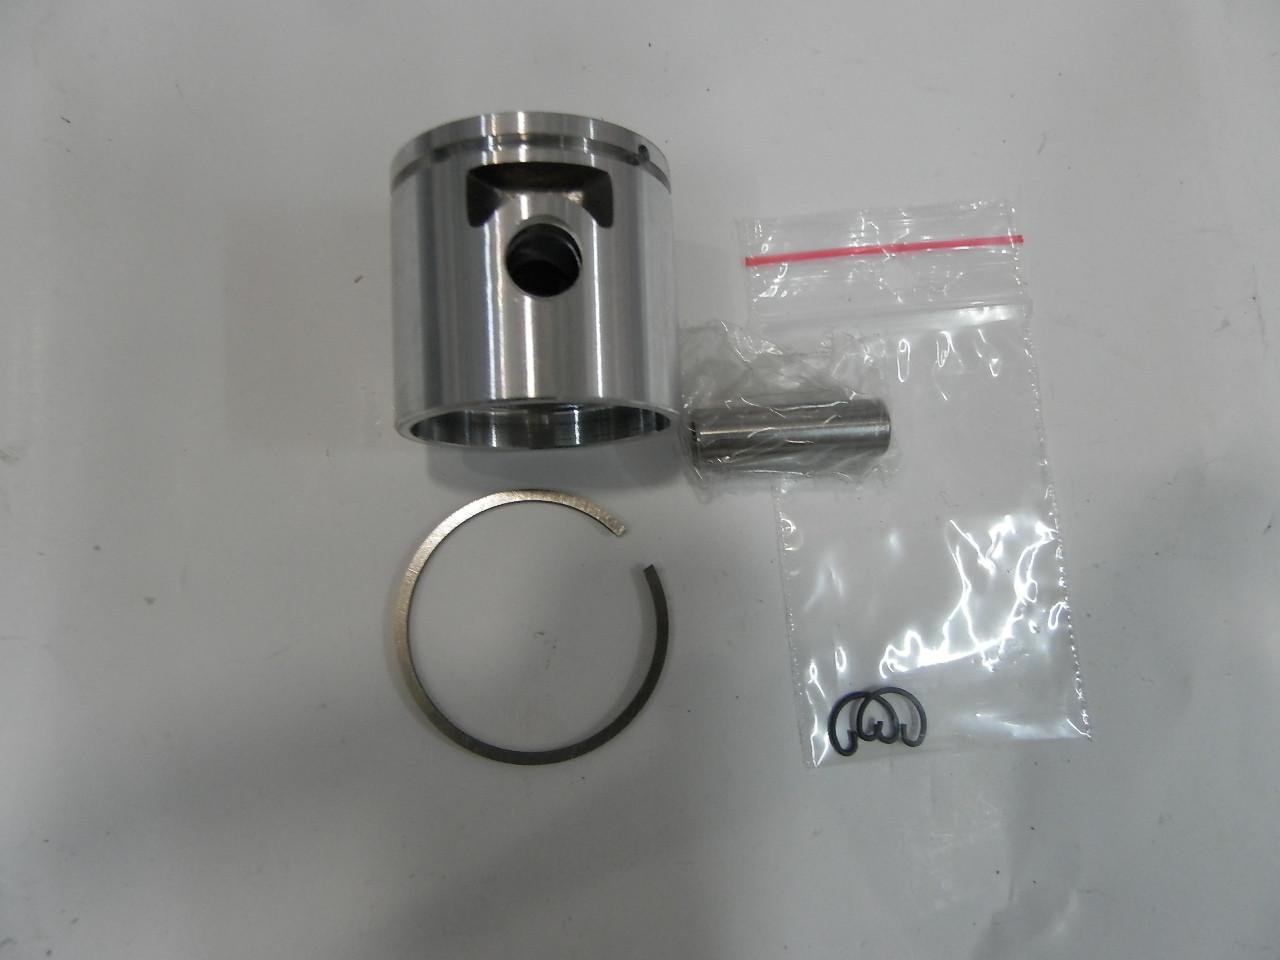 Поршень на мотокос Oleo-Mac Sparta 25, 34 мм